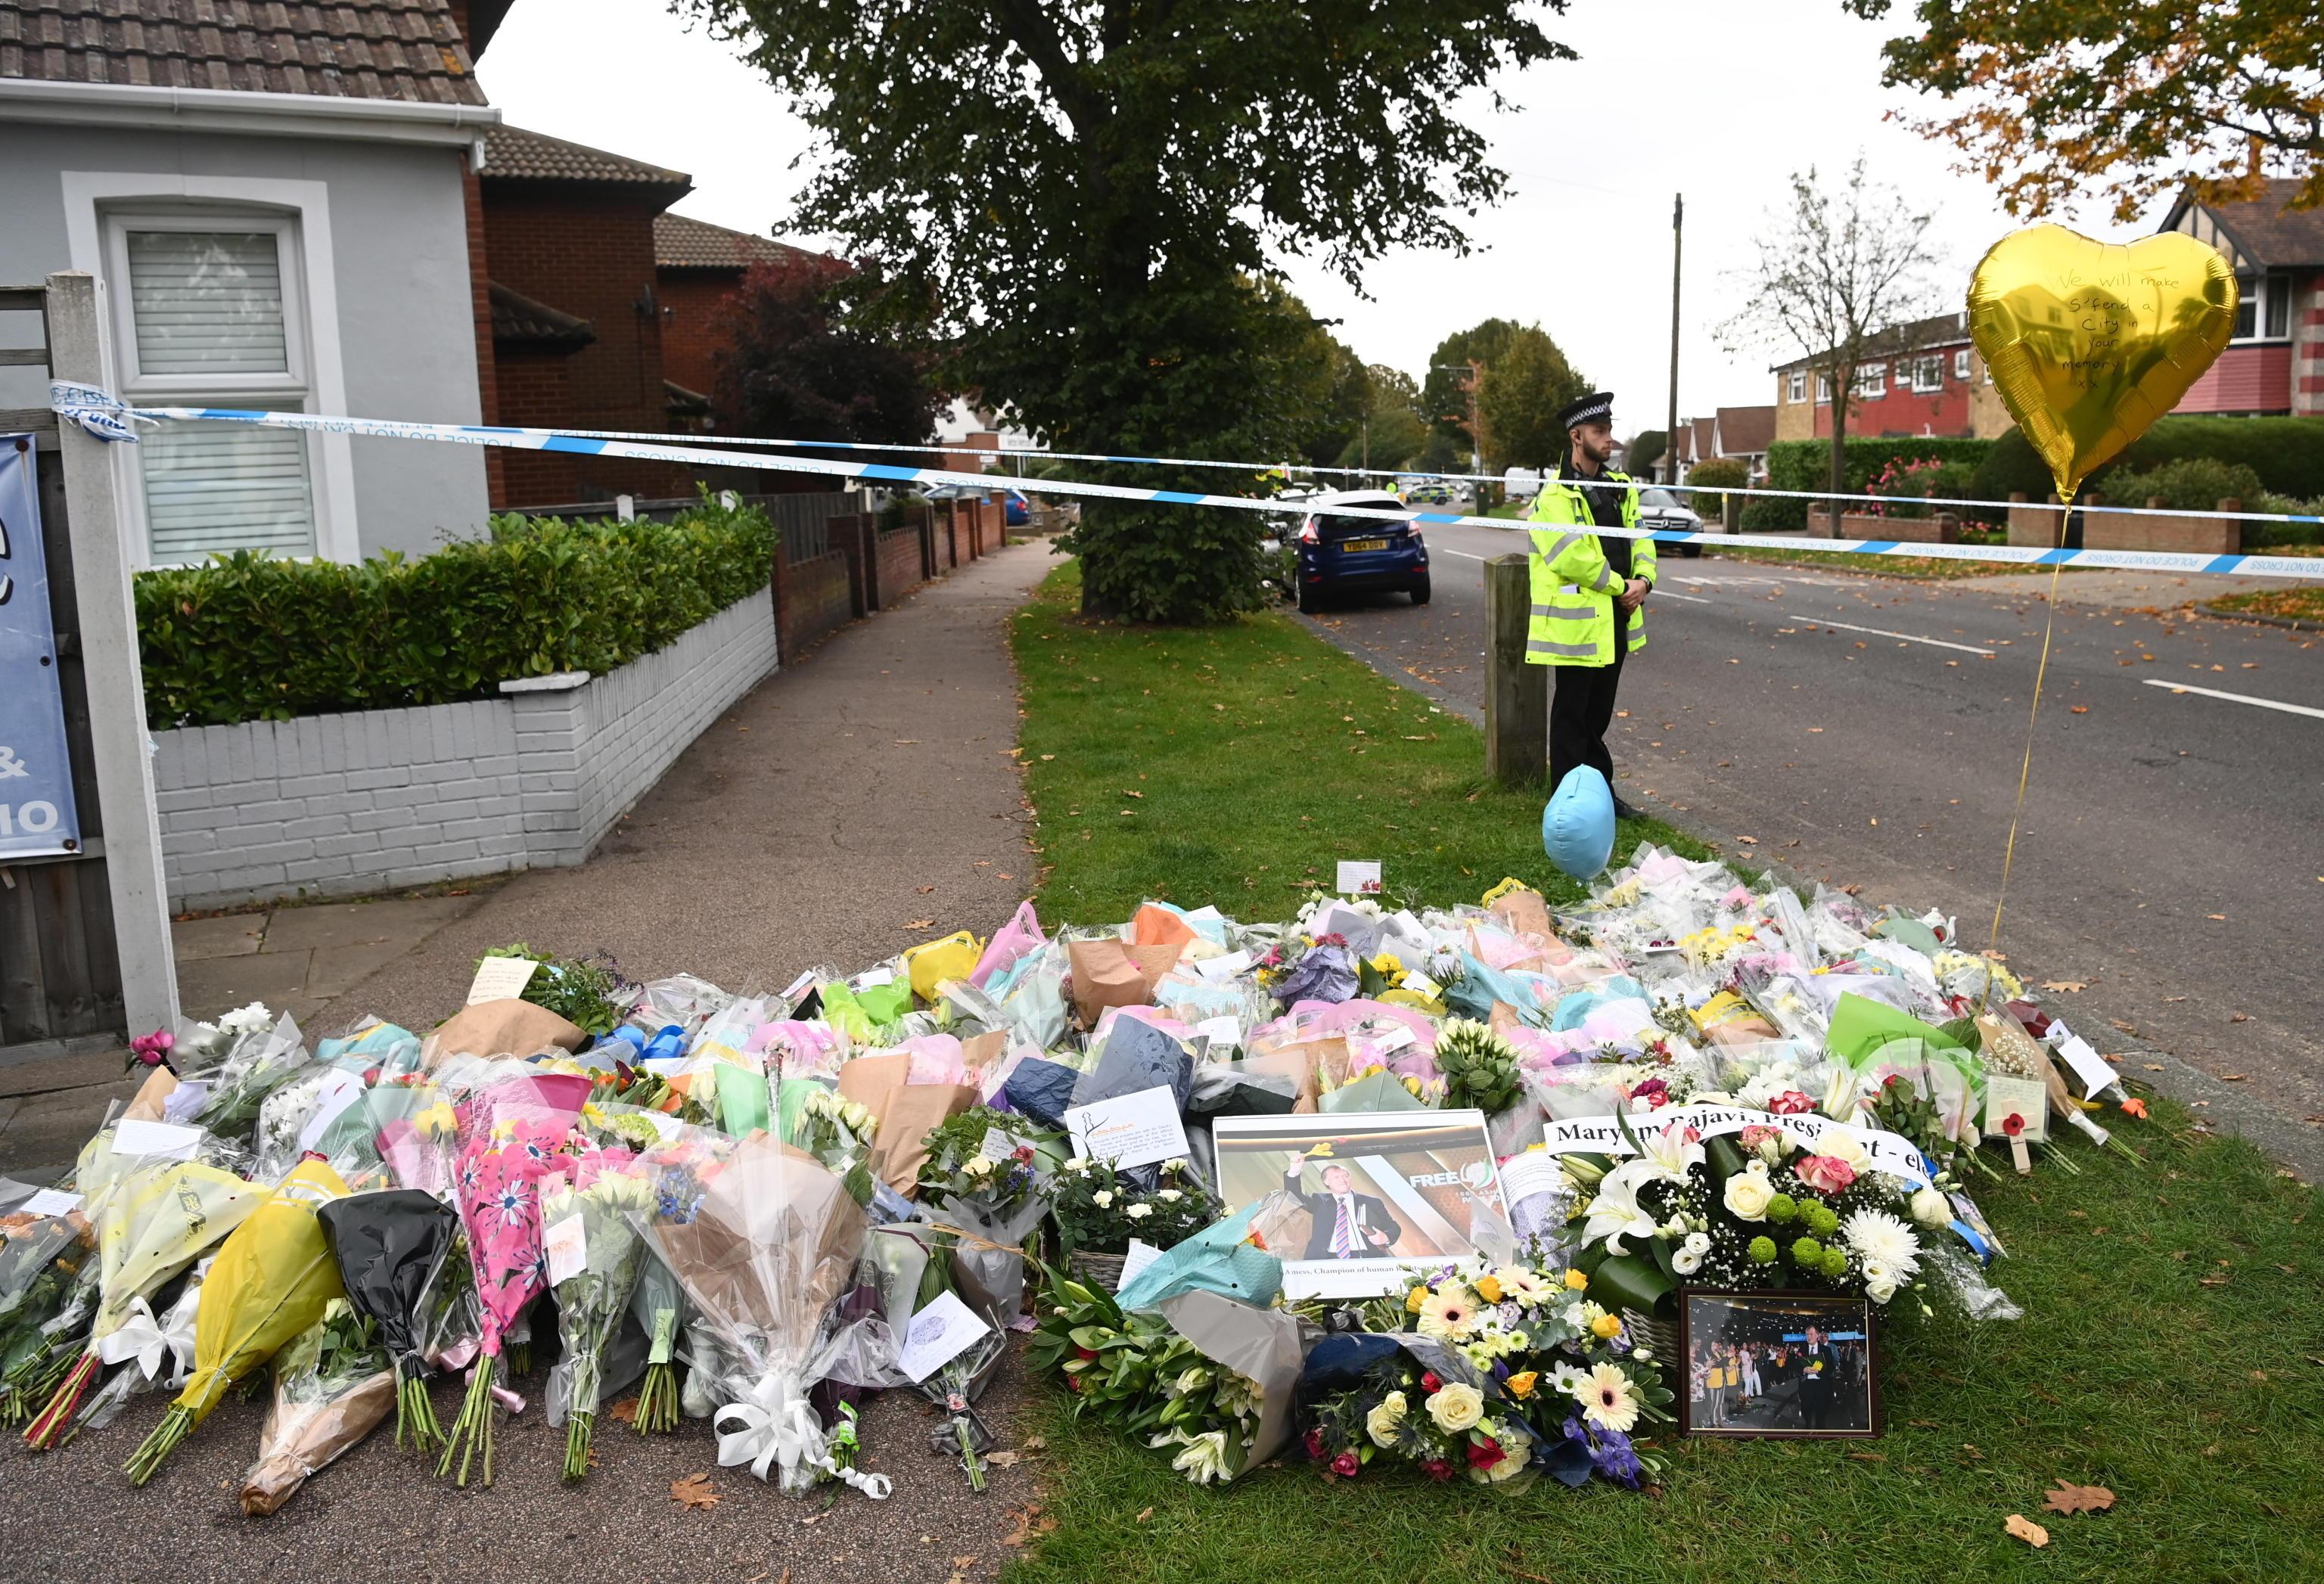 Regno Unito, resta in carcere Harbi Ali: il killer del deputato Amess era noto all'antiterrorismo